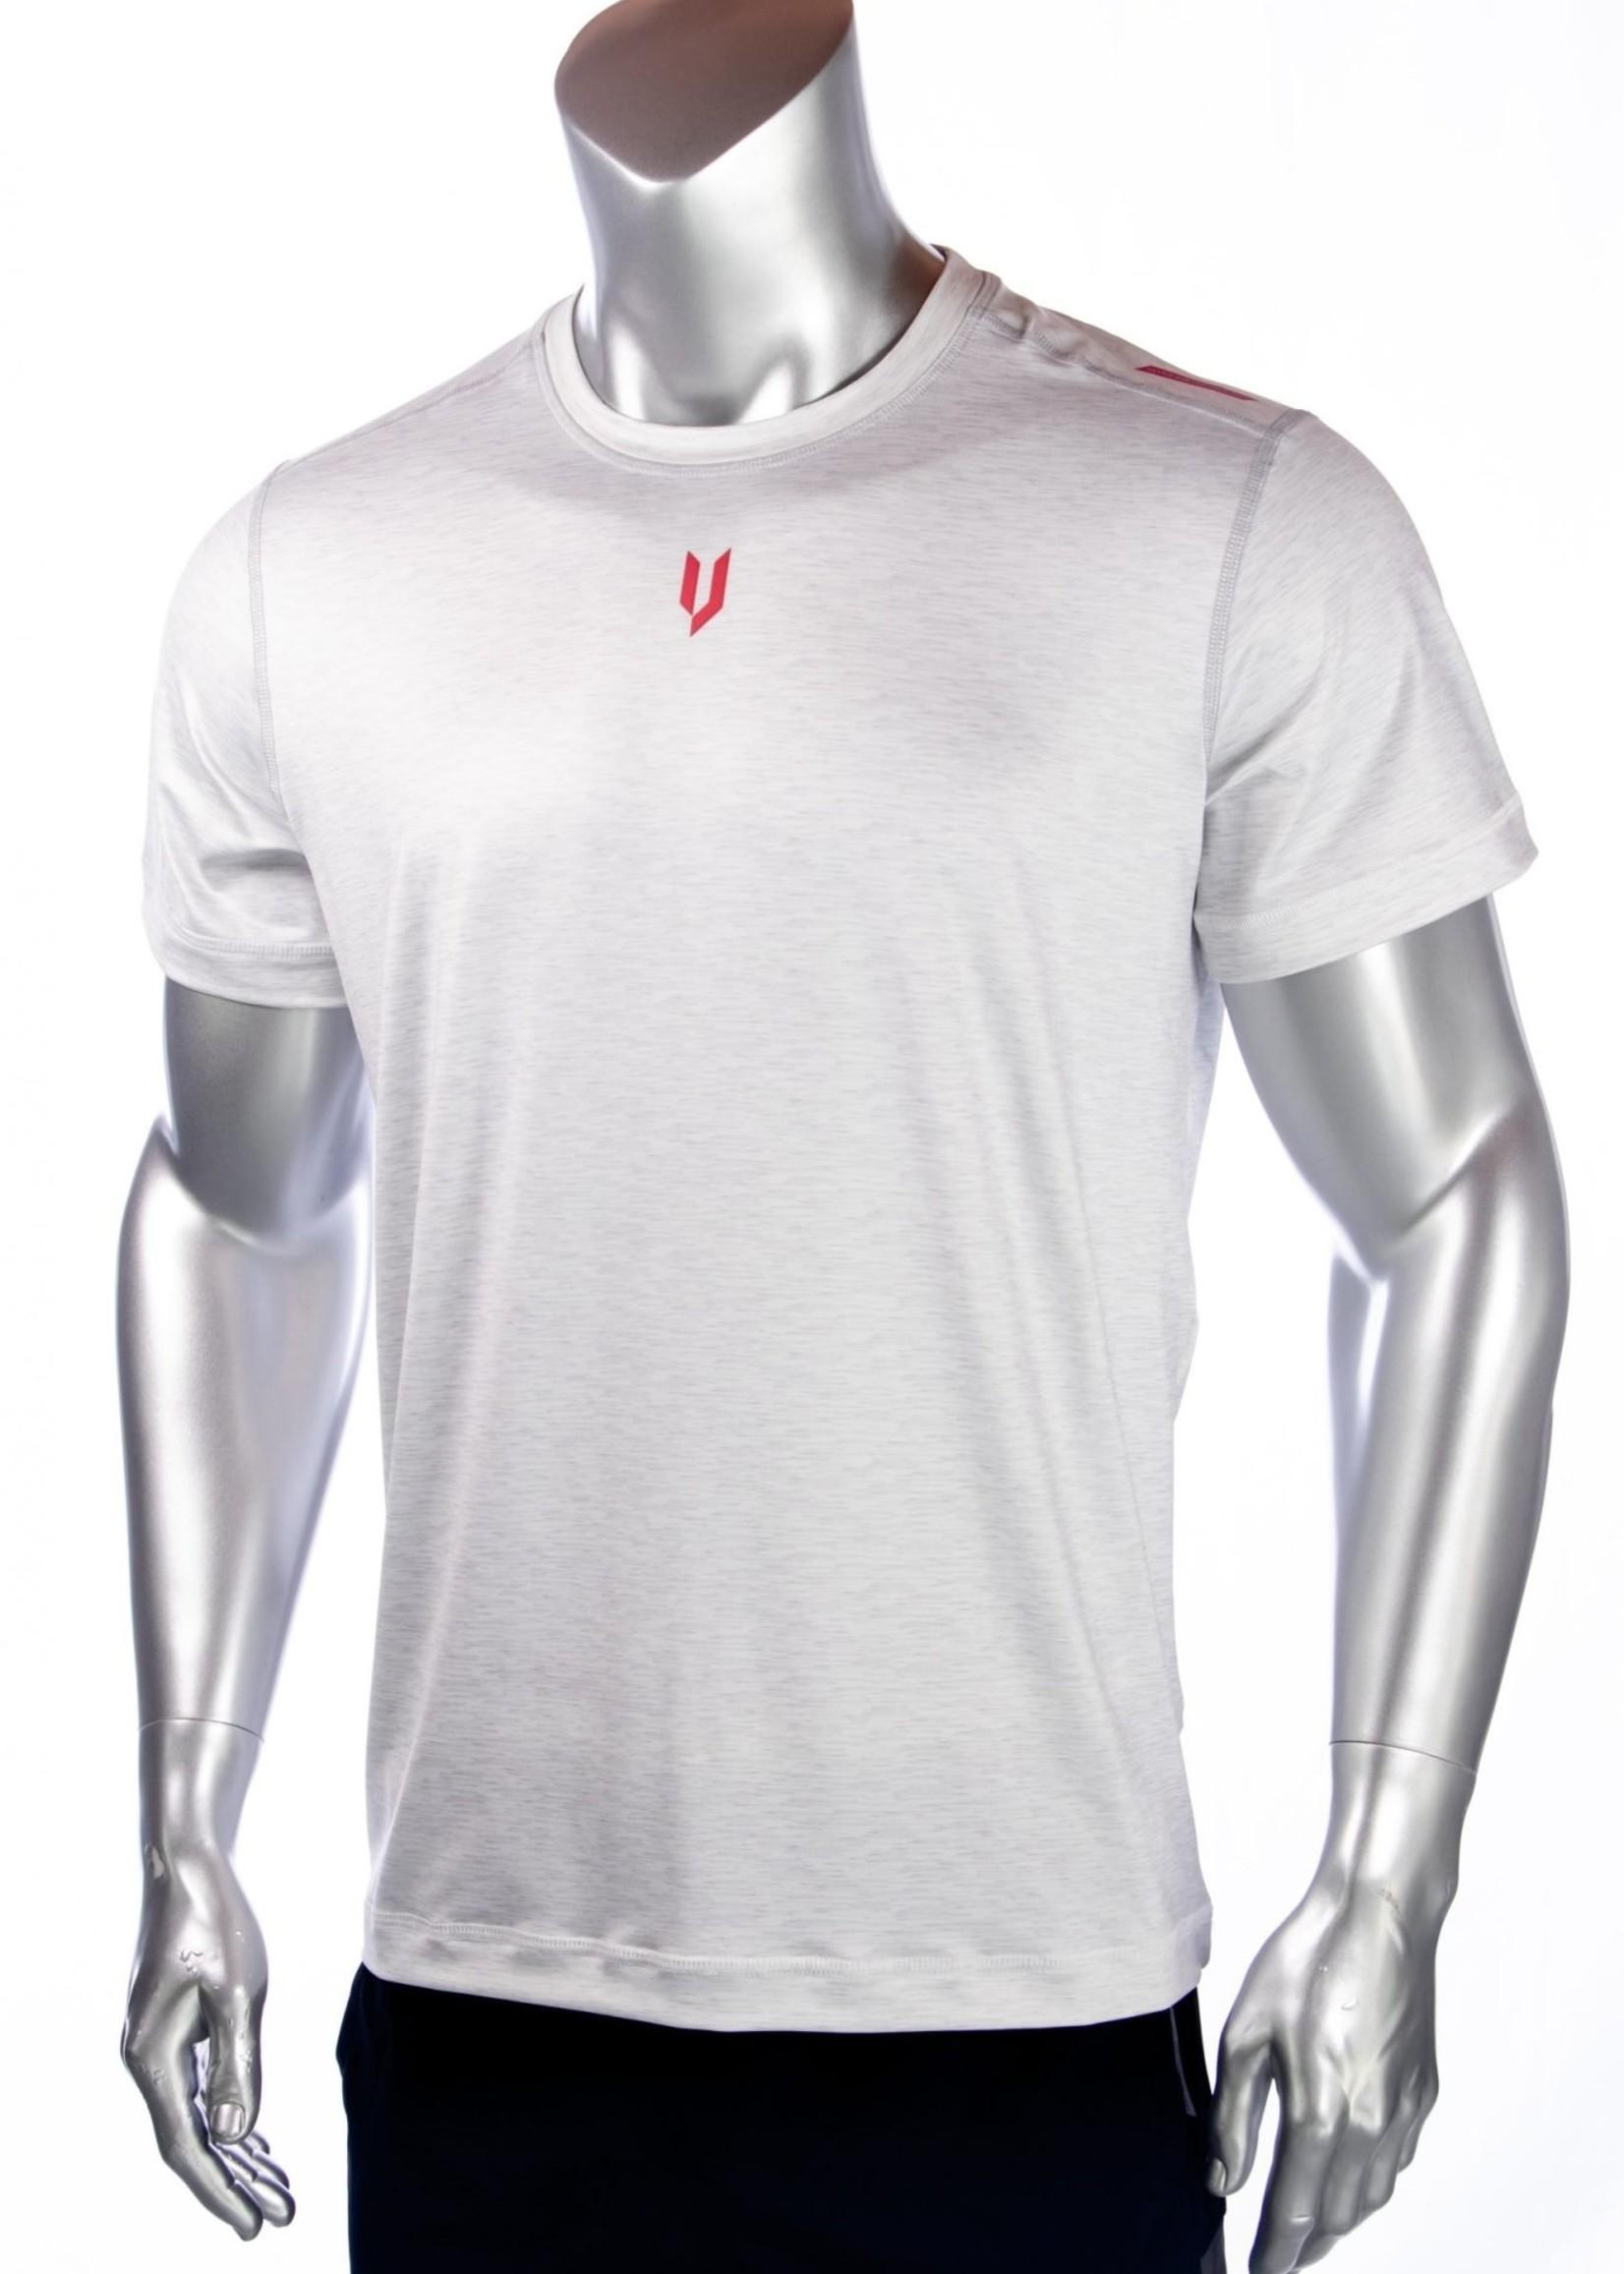 Iron Joc iron joc short sleeve